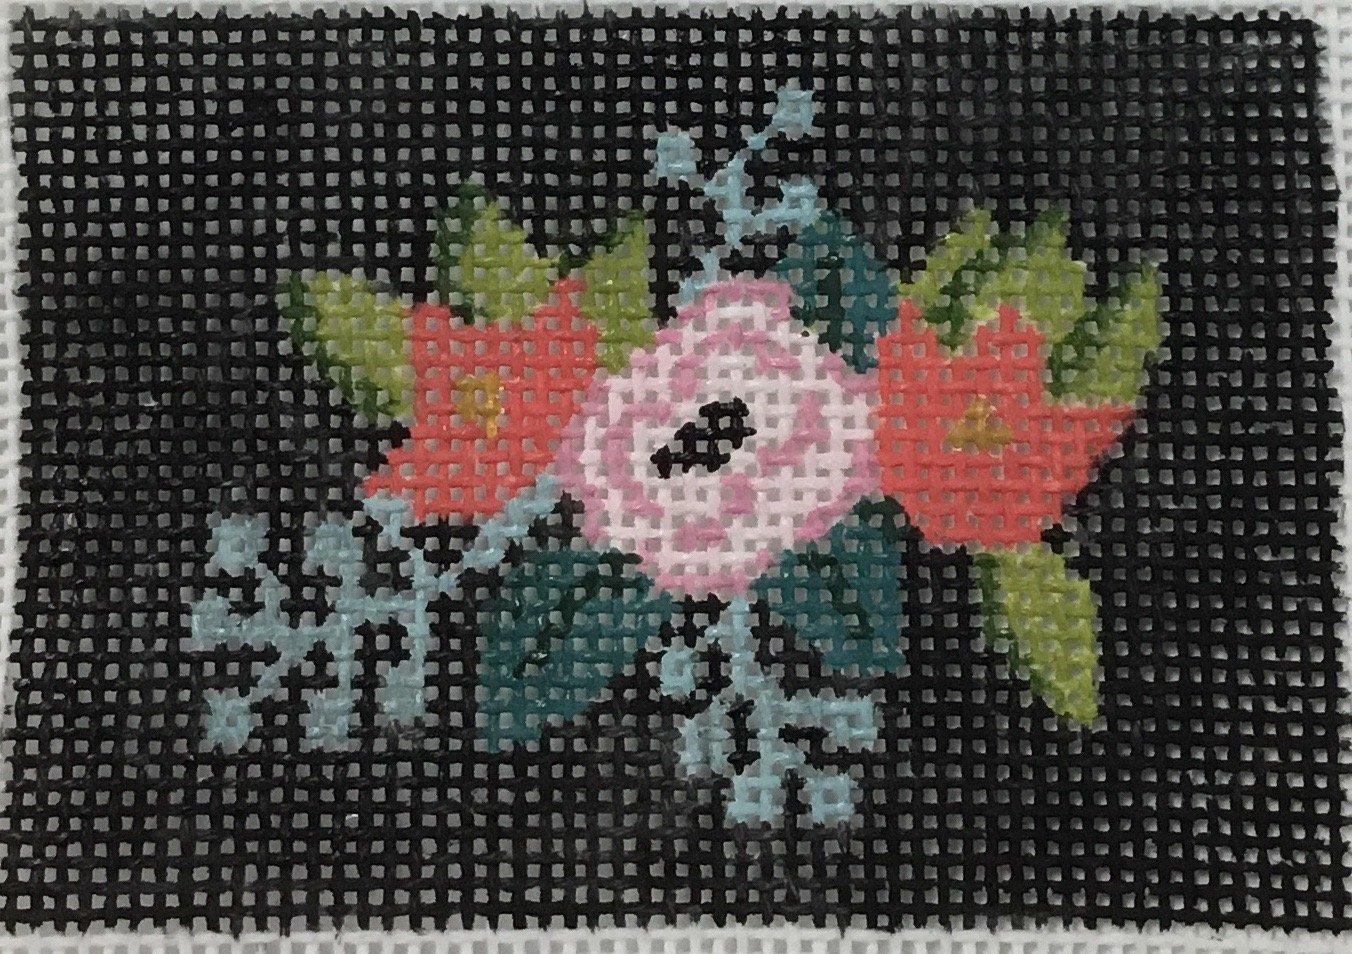 Insert Floral Sq. on Black, 18M, 3x2